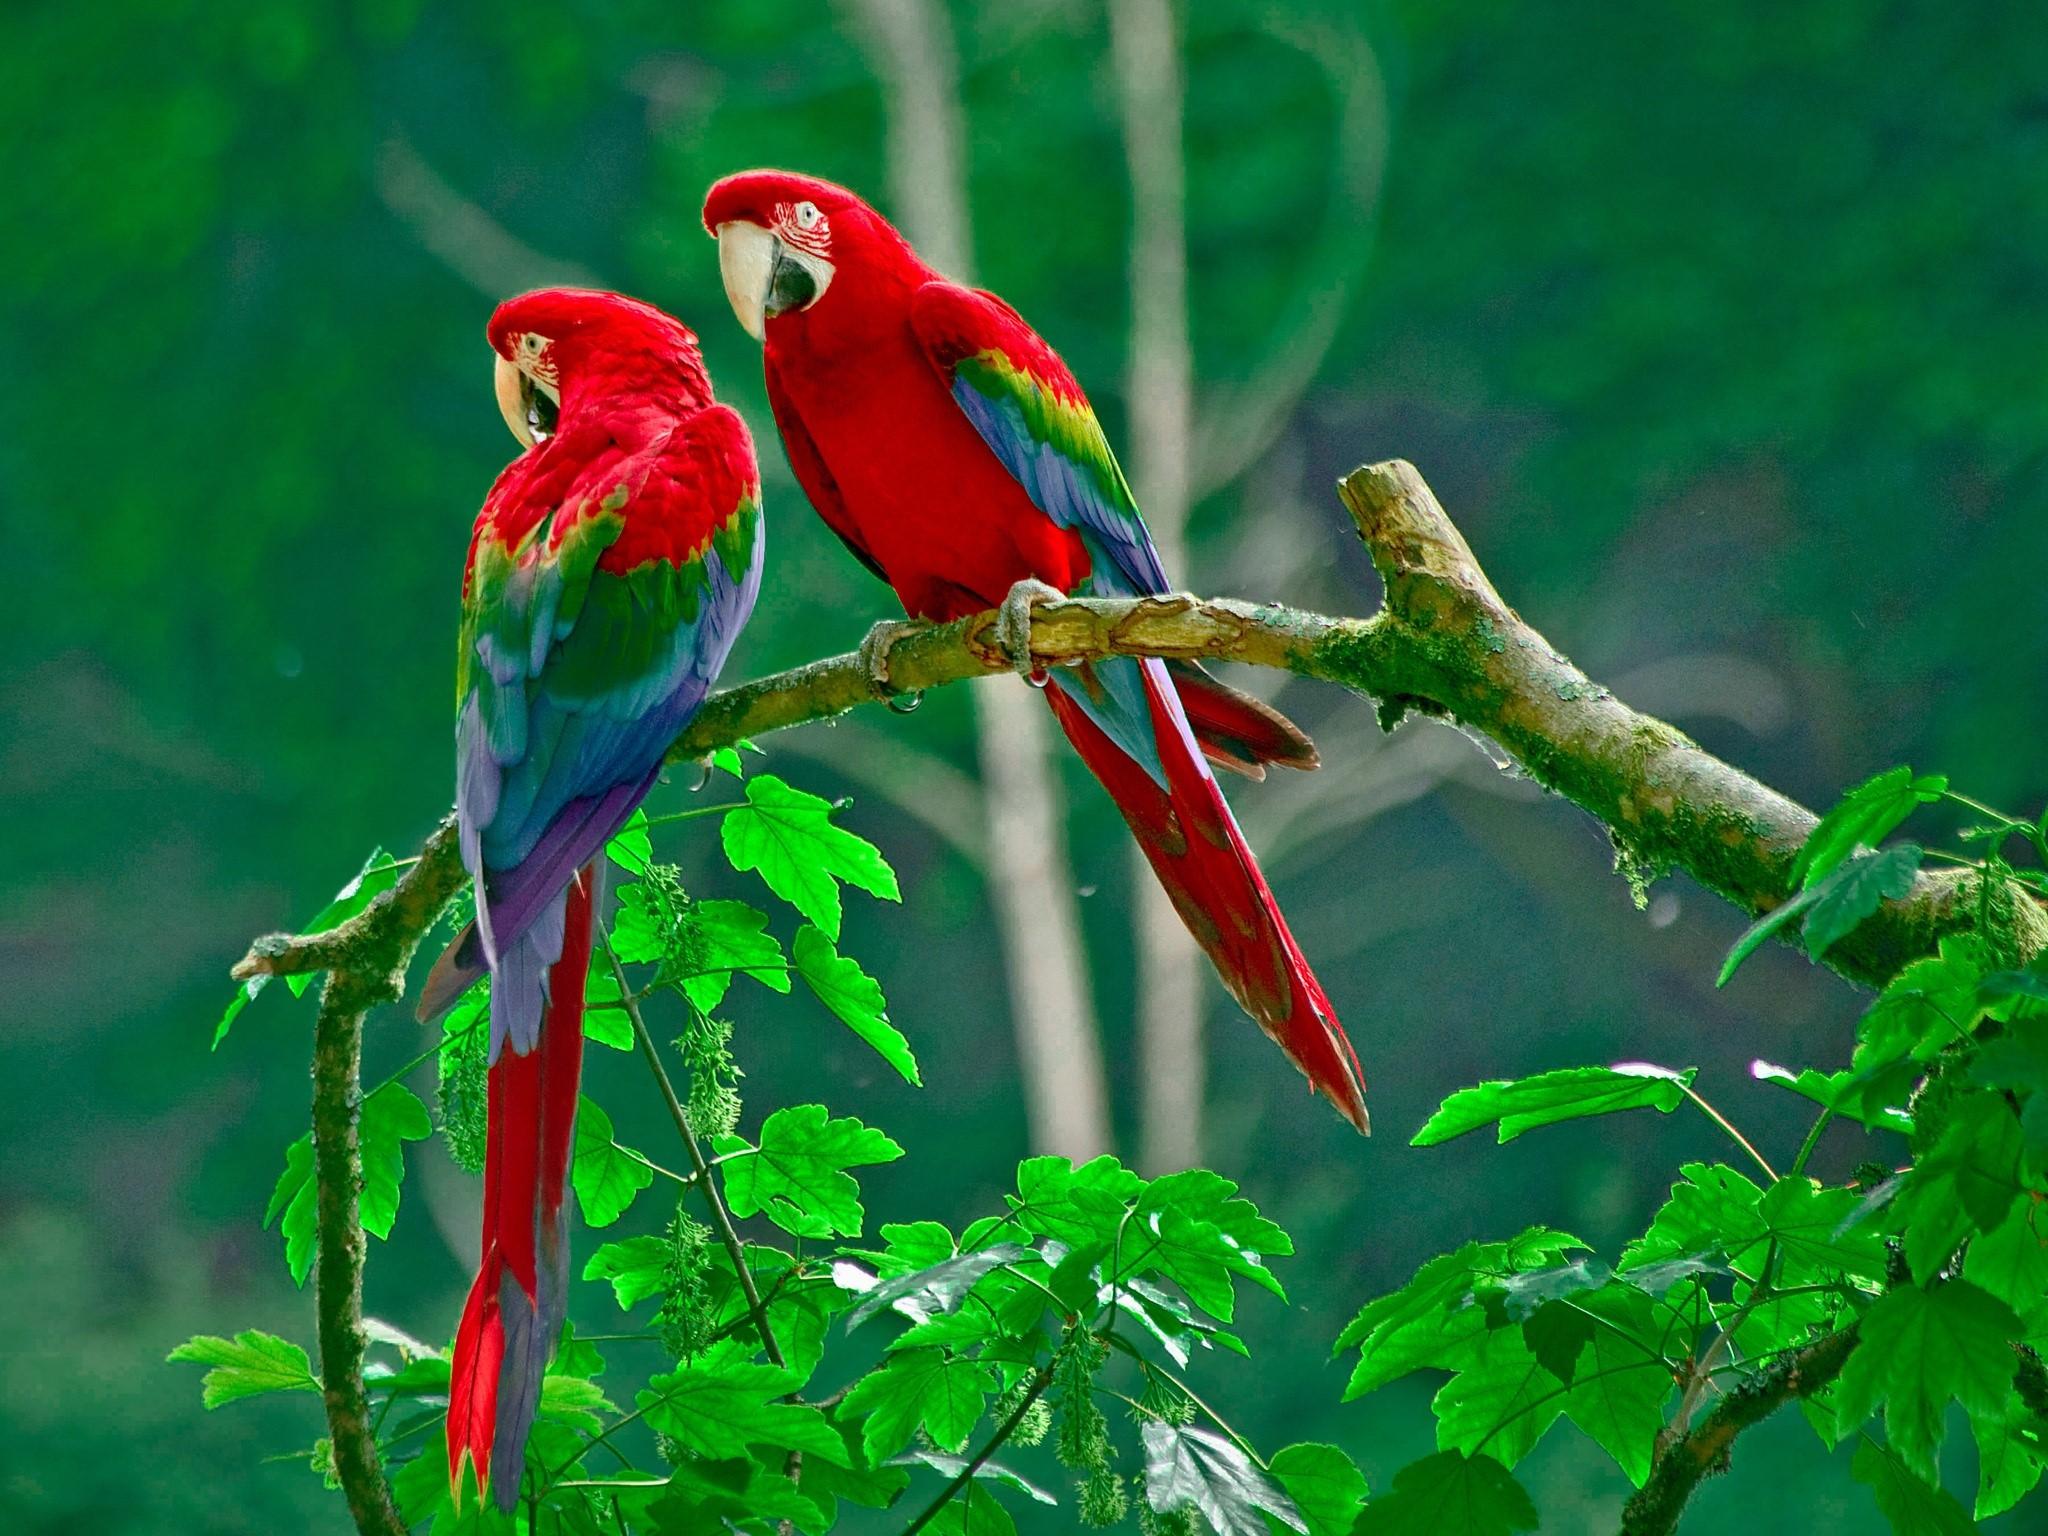 Wallpaper Parrots